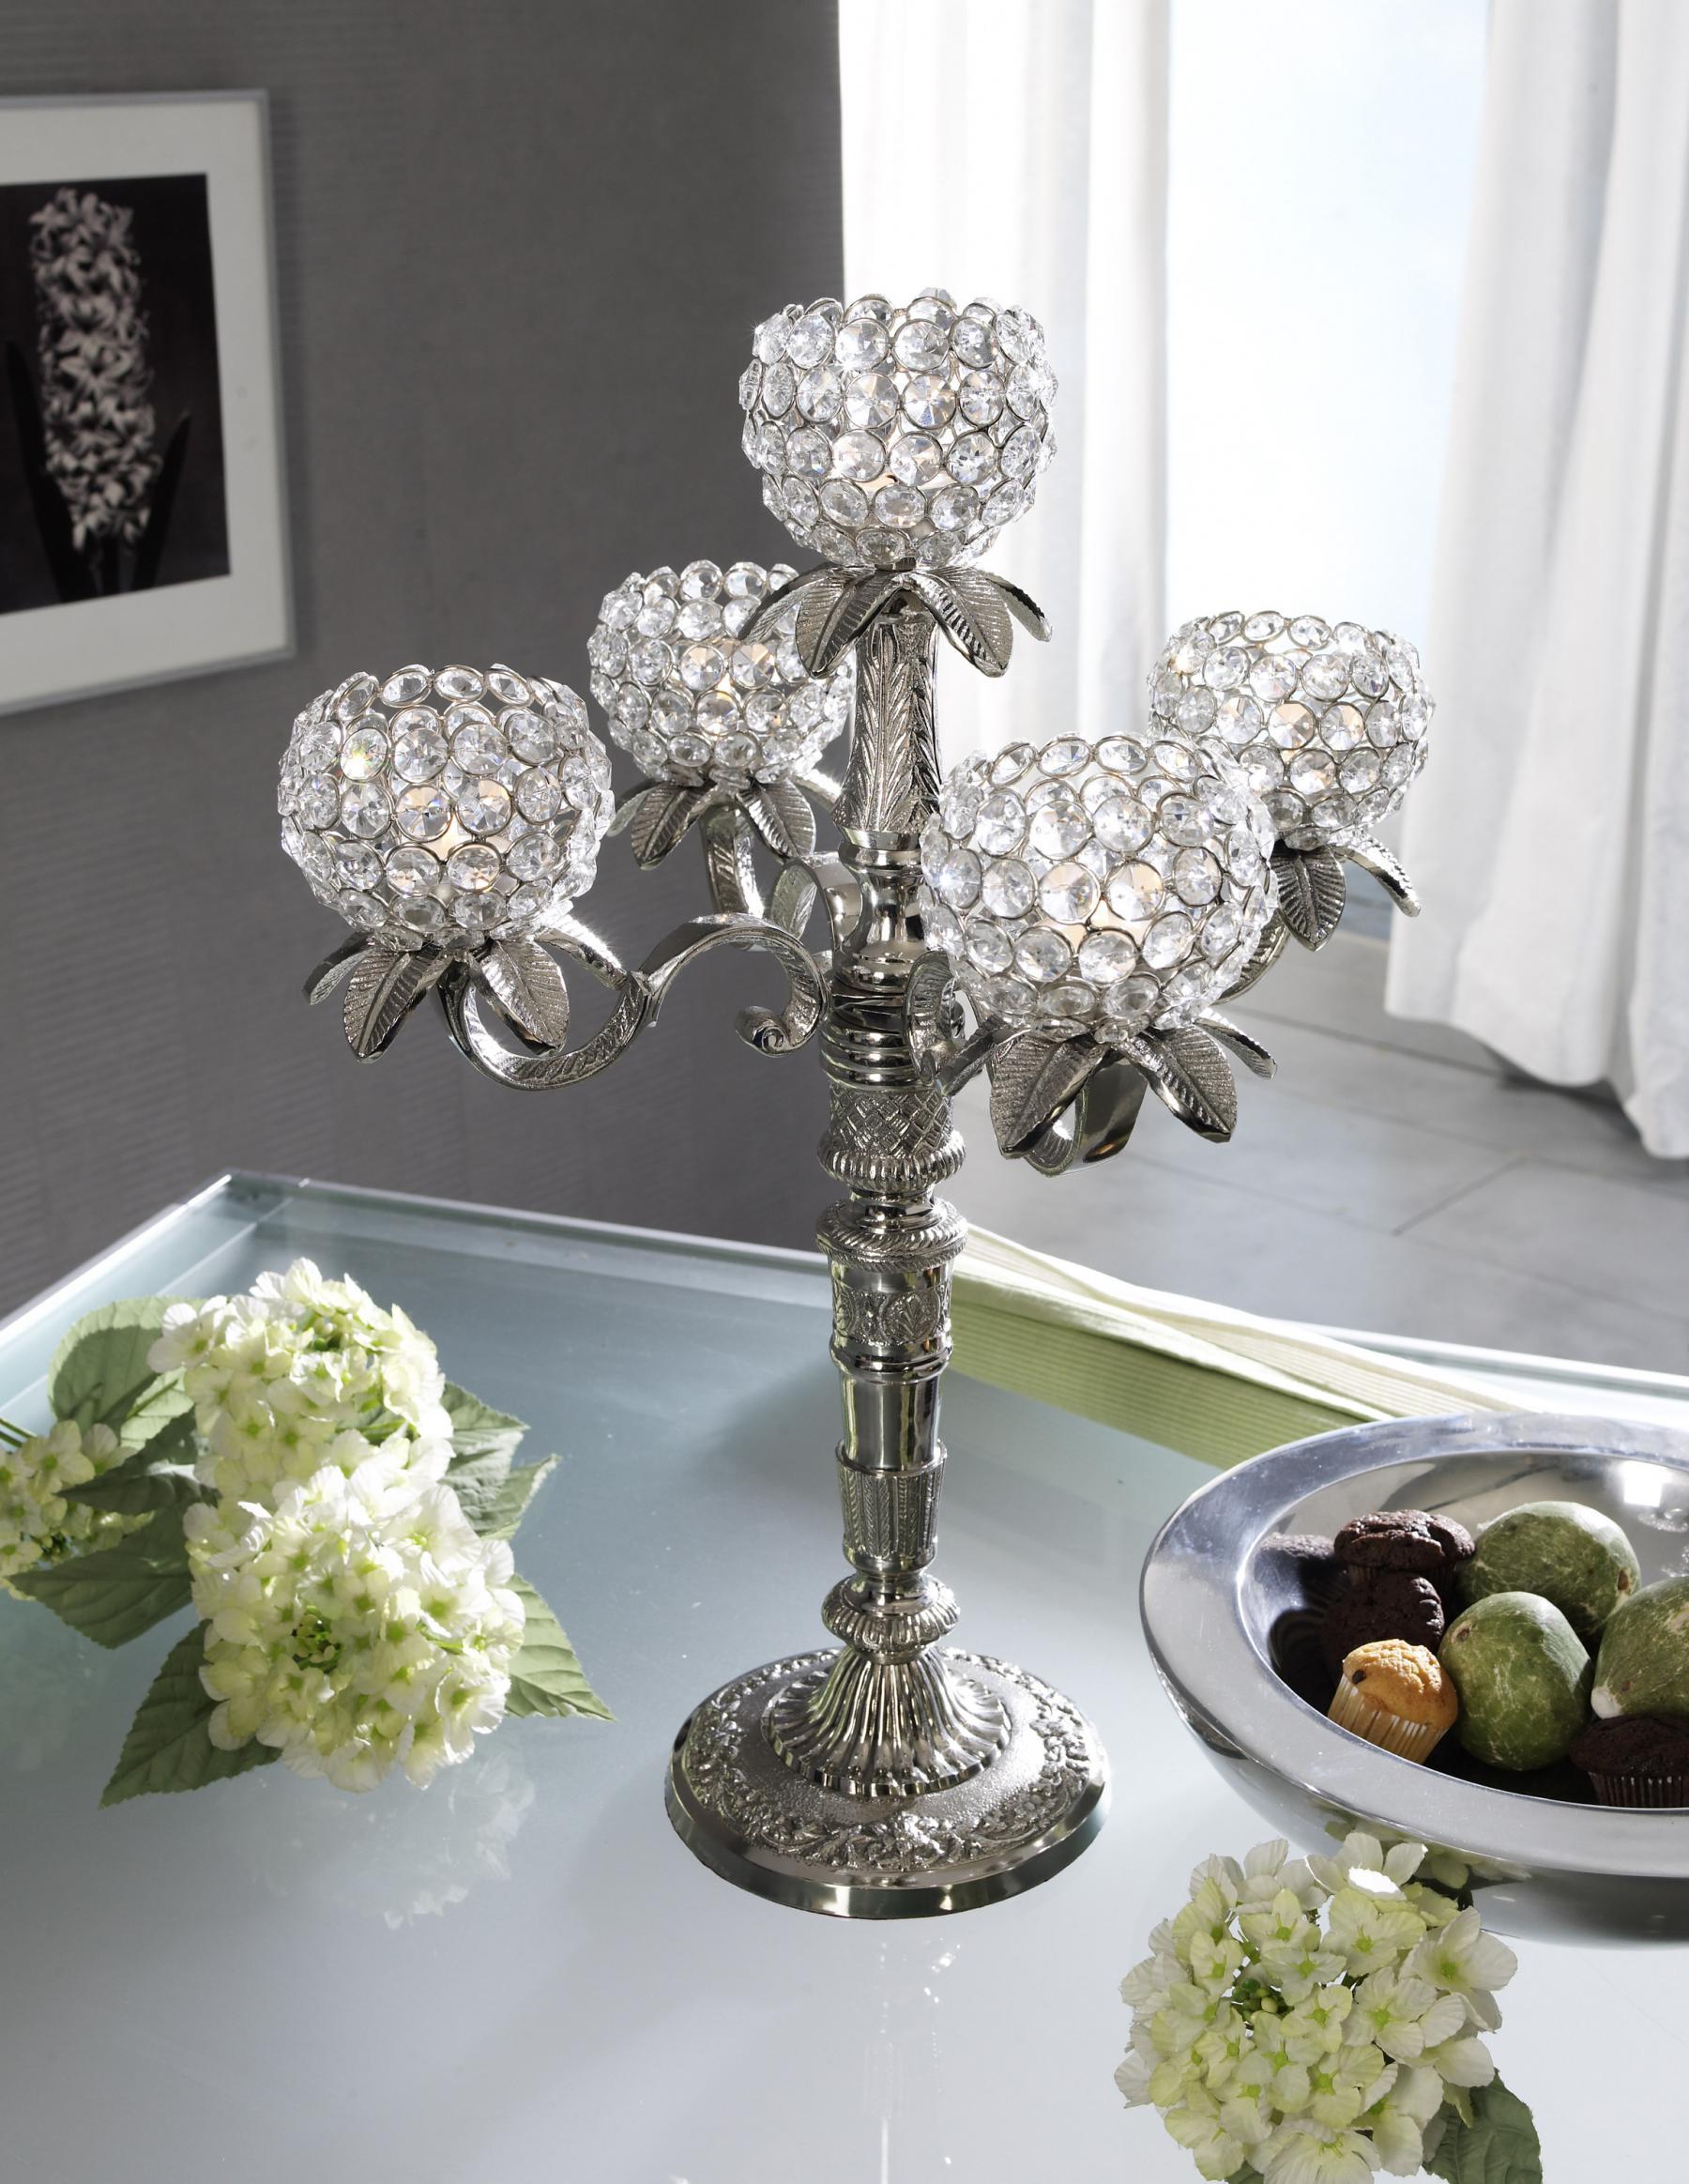 kristall kerzenst nder florence kerzenhalter 5 armig in. Black Bedroom Furniture Sets. Home Design Ideas